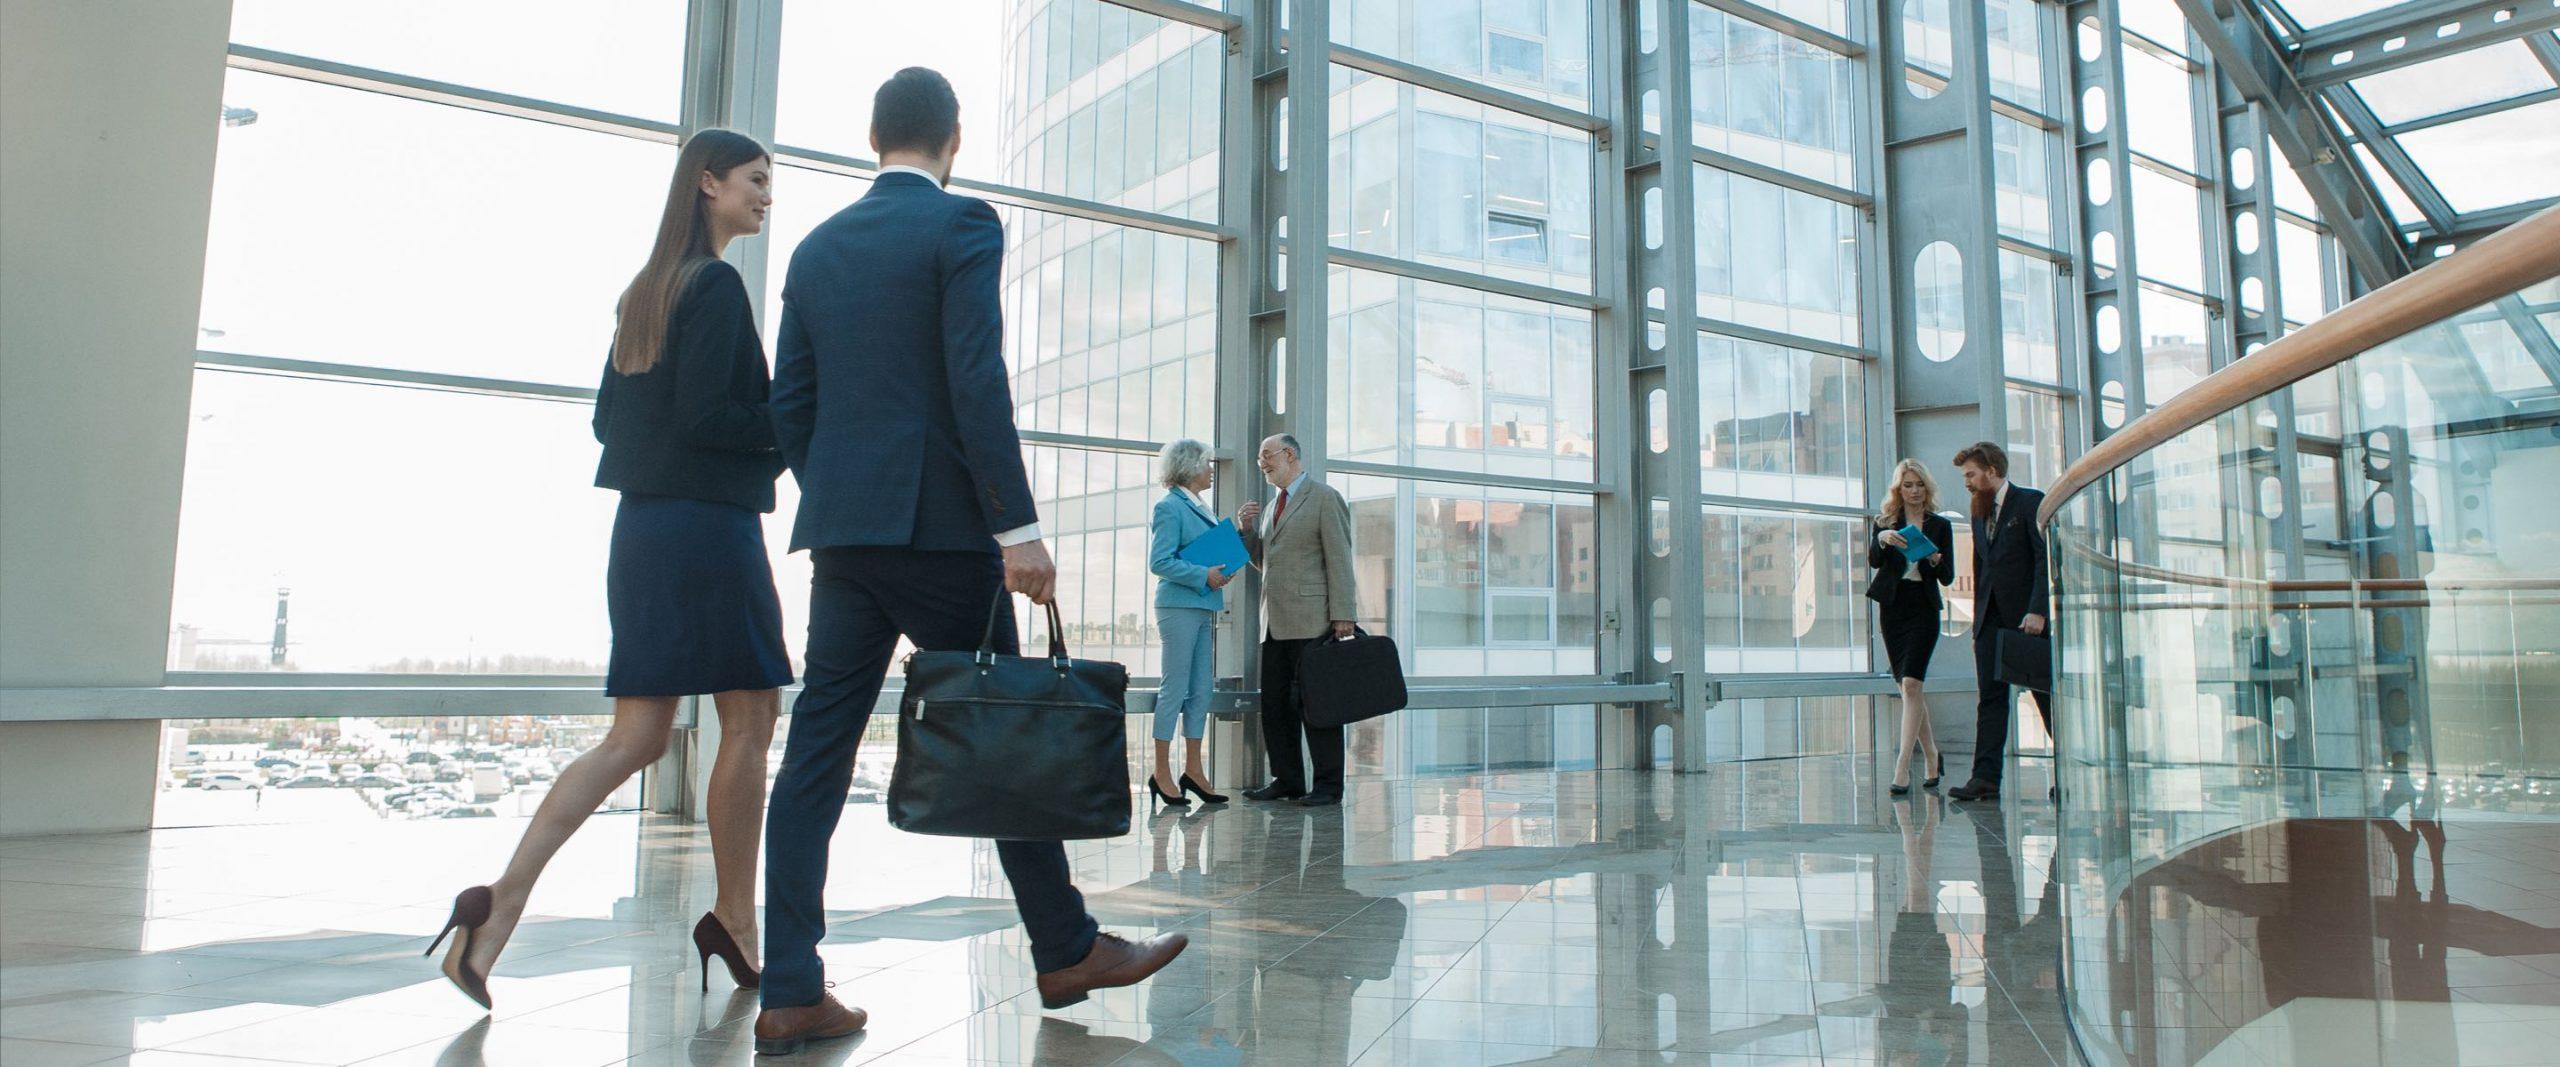 Investment professionals som går bredvid varandra